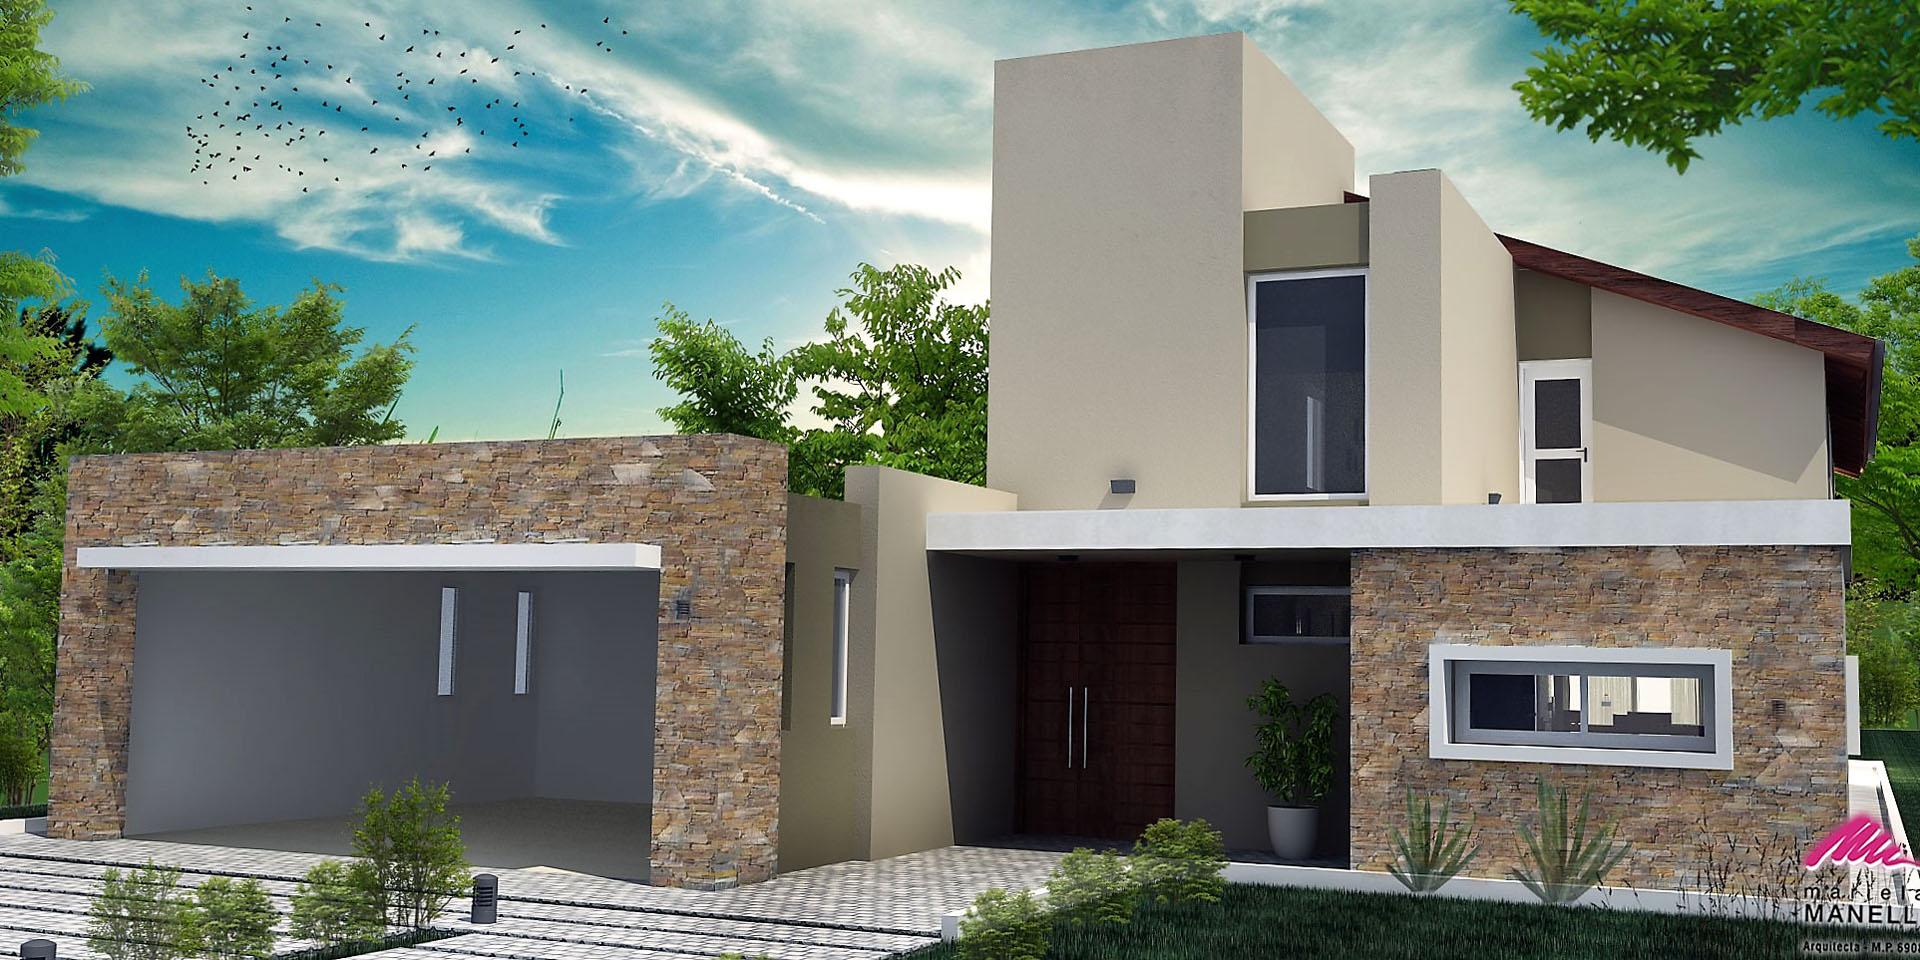 Mariela manelli estudio de arquitectura casa estilo for Estudio de arquitectura